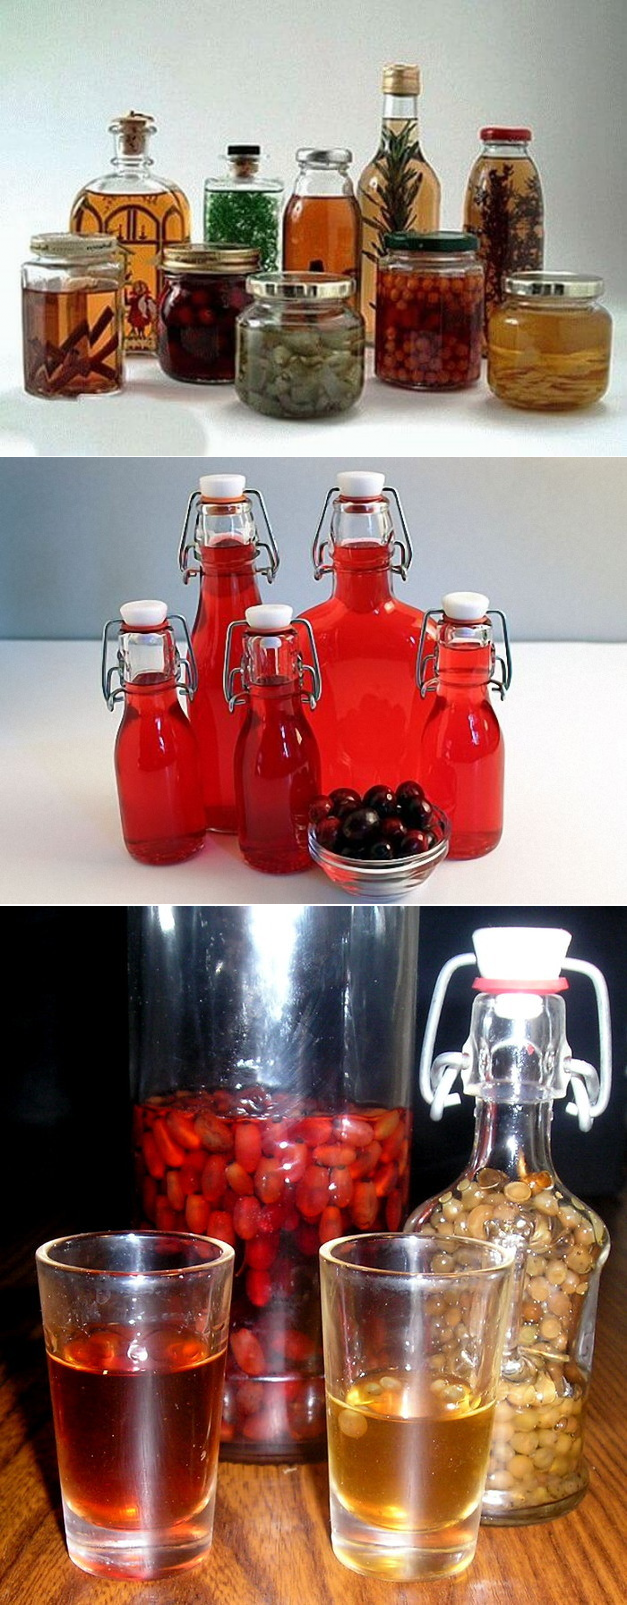 Мандариновая водка, настойка и ликер - лучшие рецепты на нг